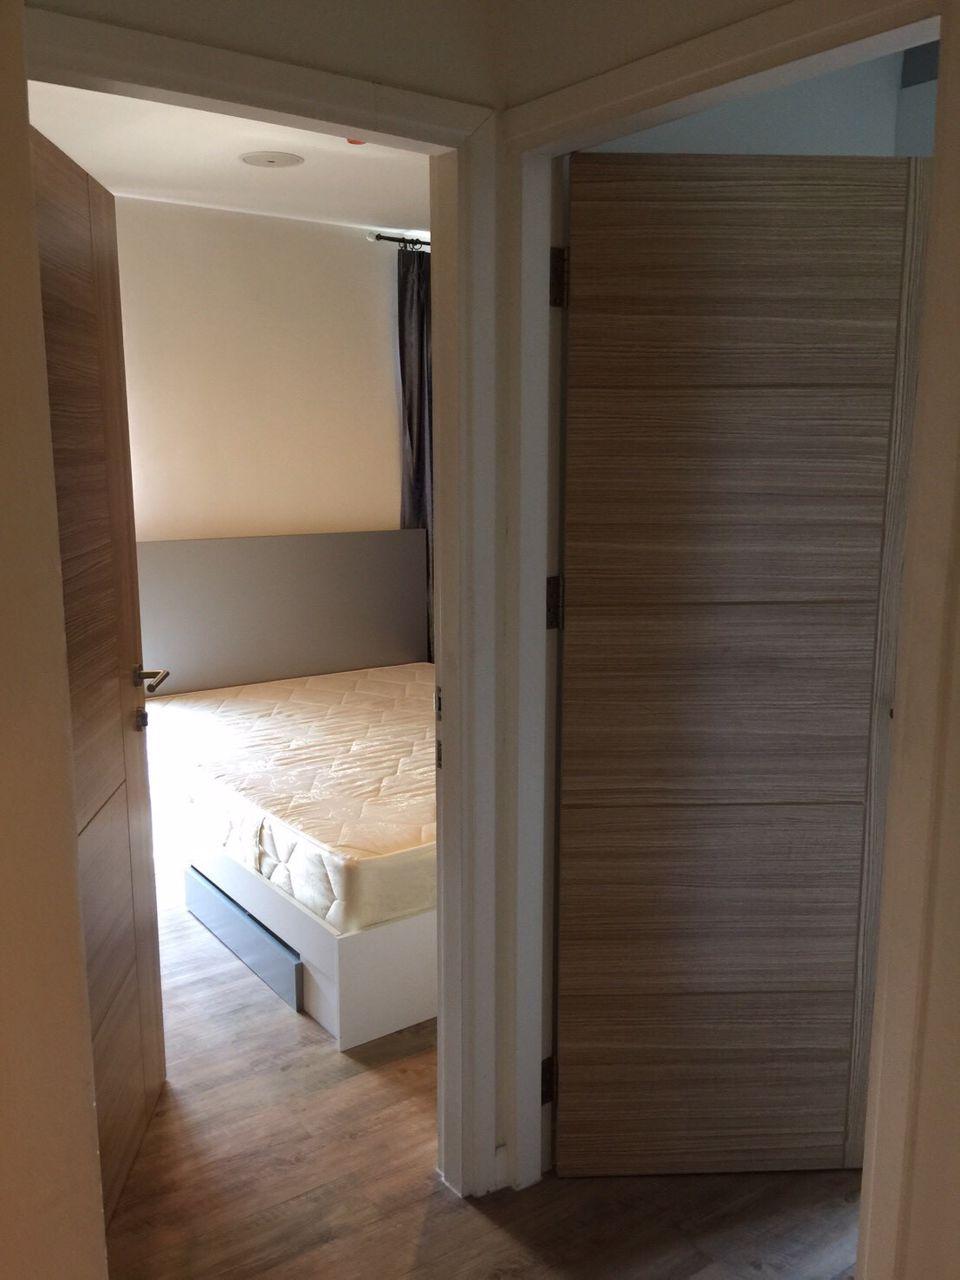 ให้เช่า-คอนโด-ปากซอยรามอินทรา21-ขนาด-2-ห้องนอน-1-ห้องน้ำ-10000-บาทต่อเดือน